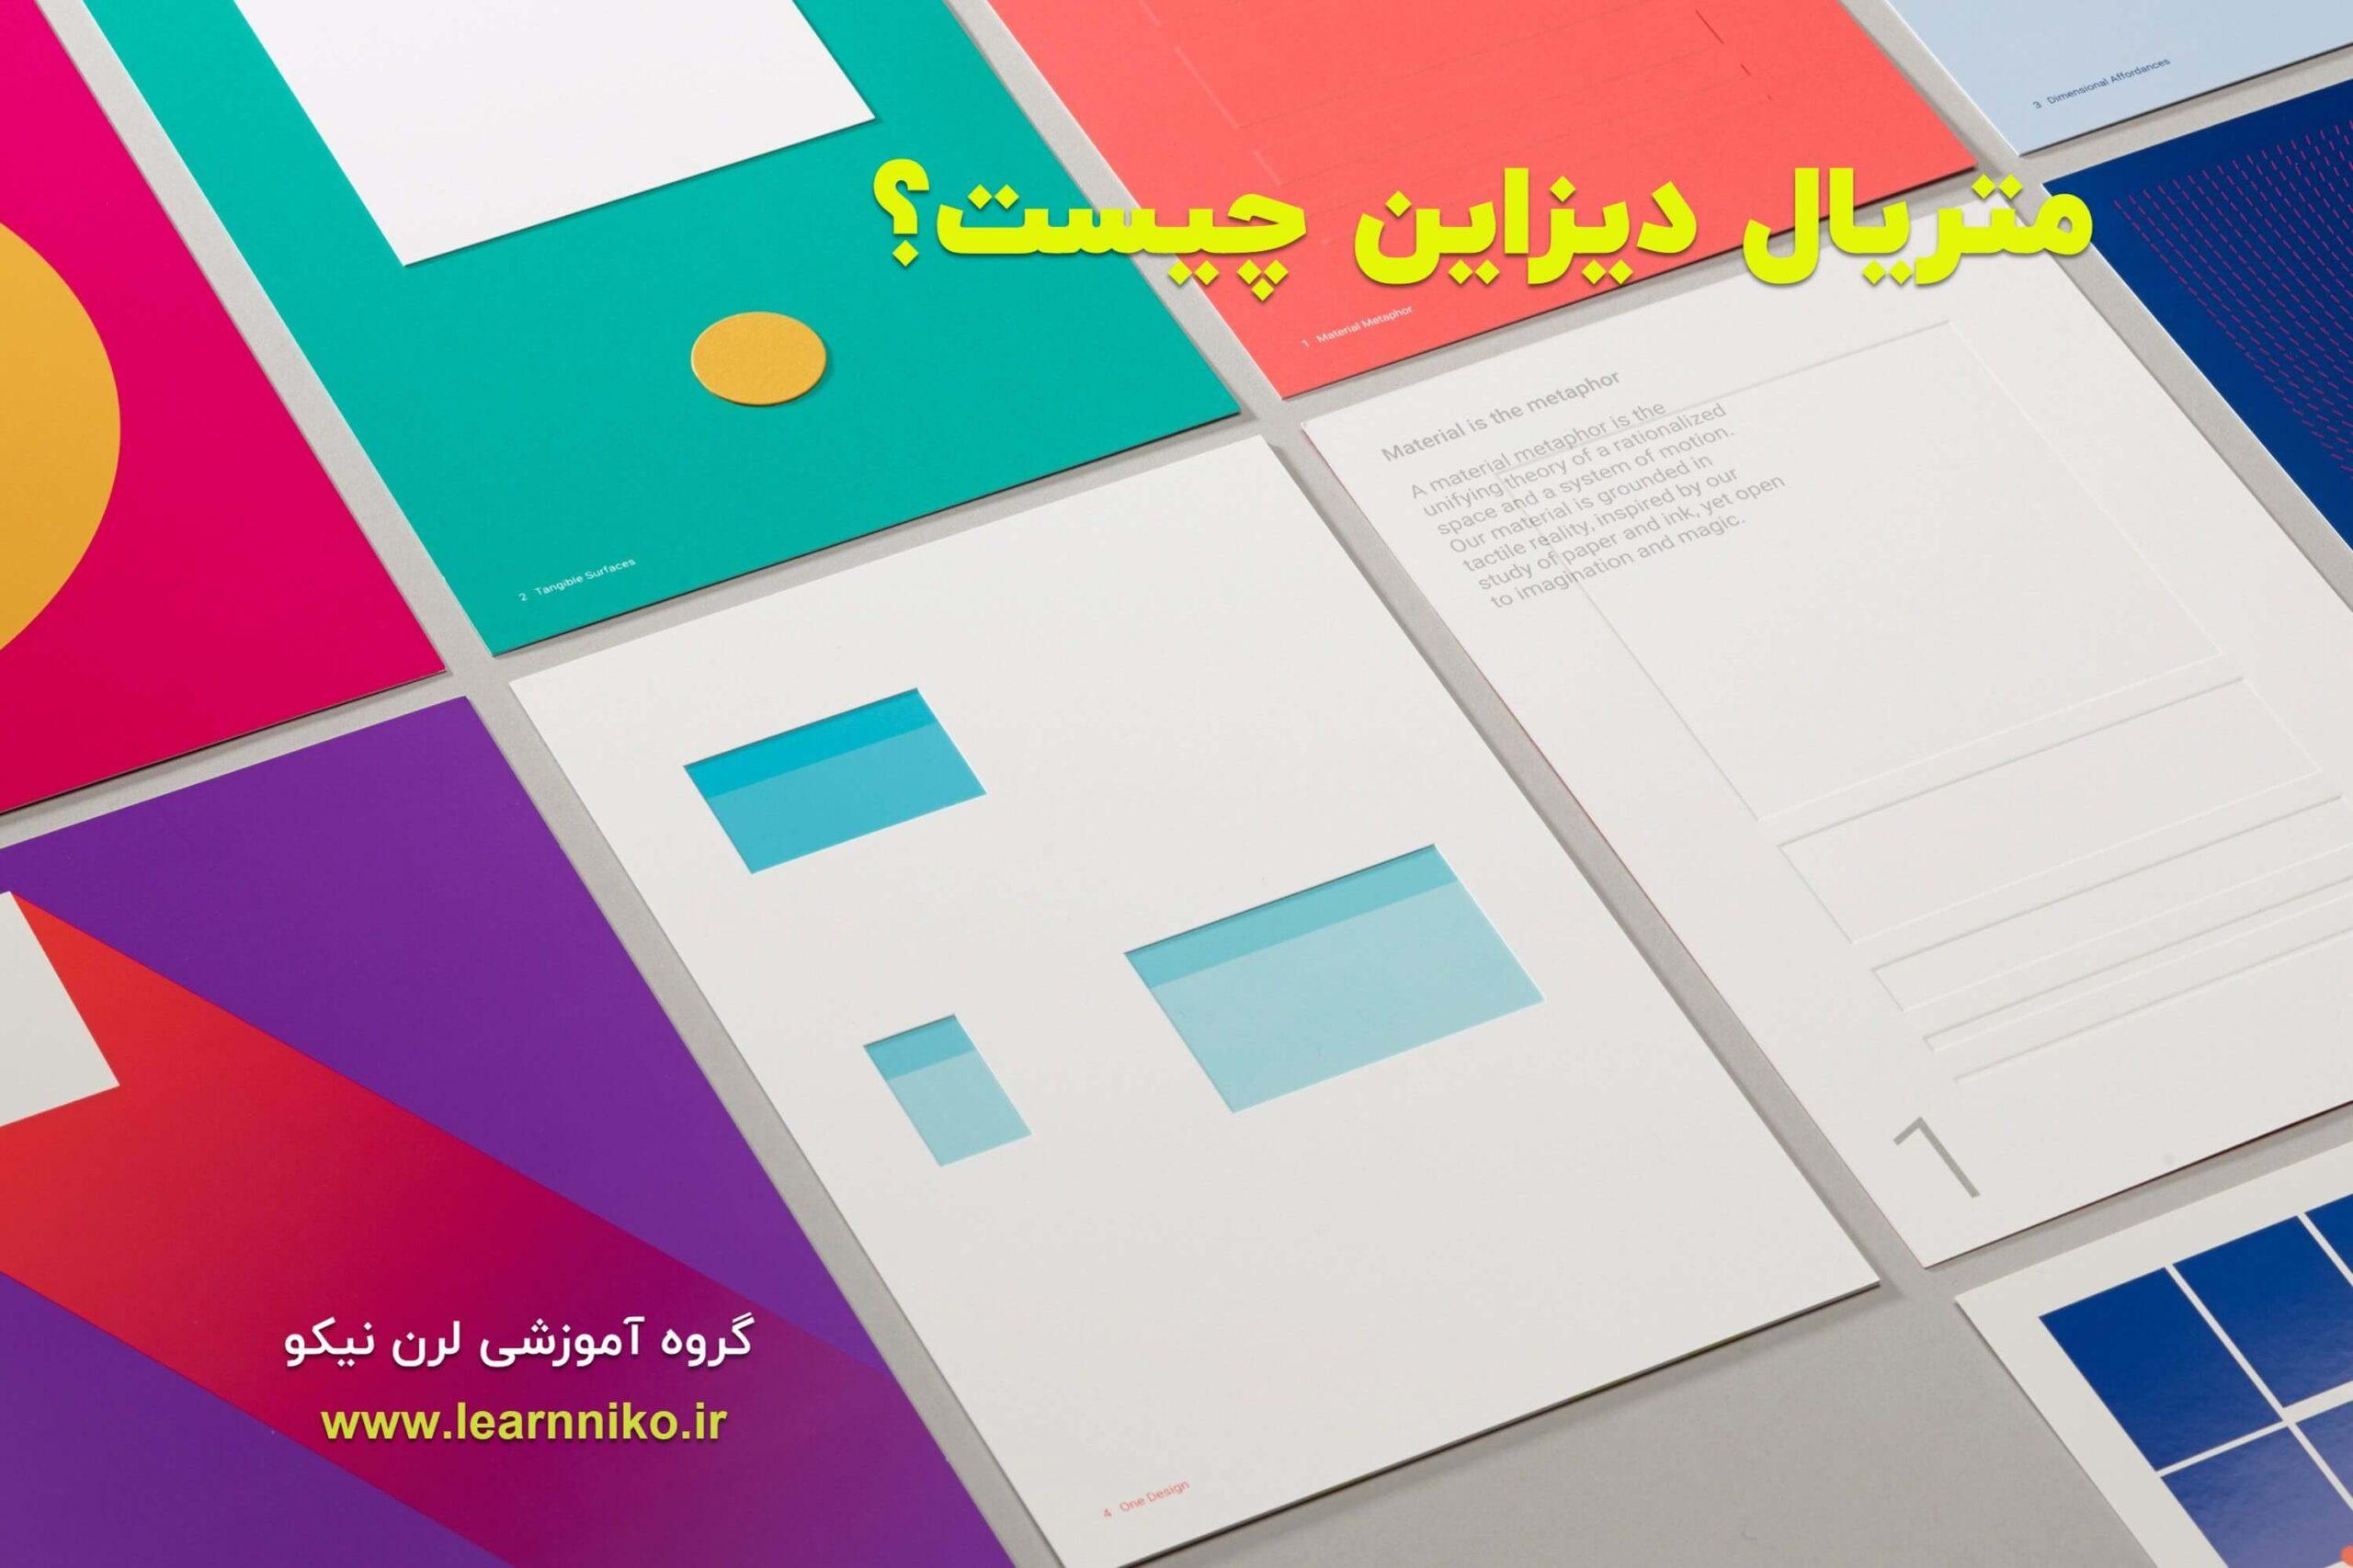 طراحی متریال دیزاین